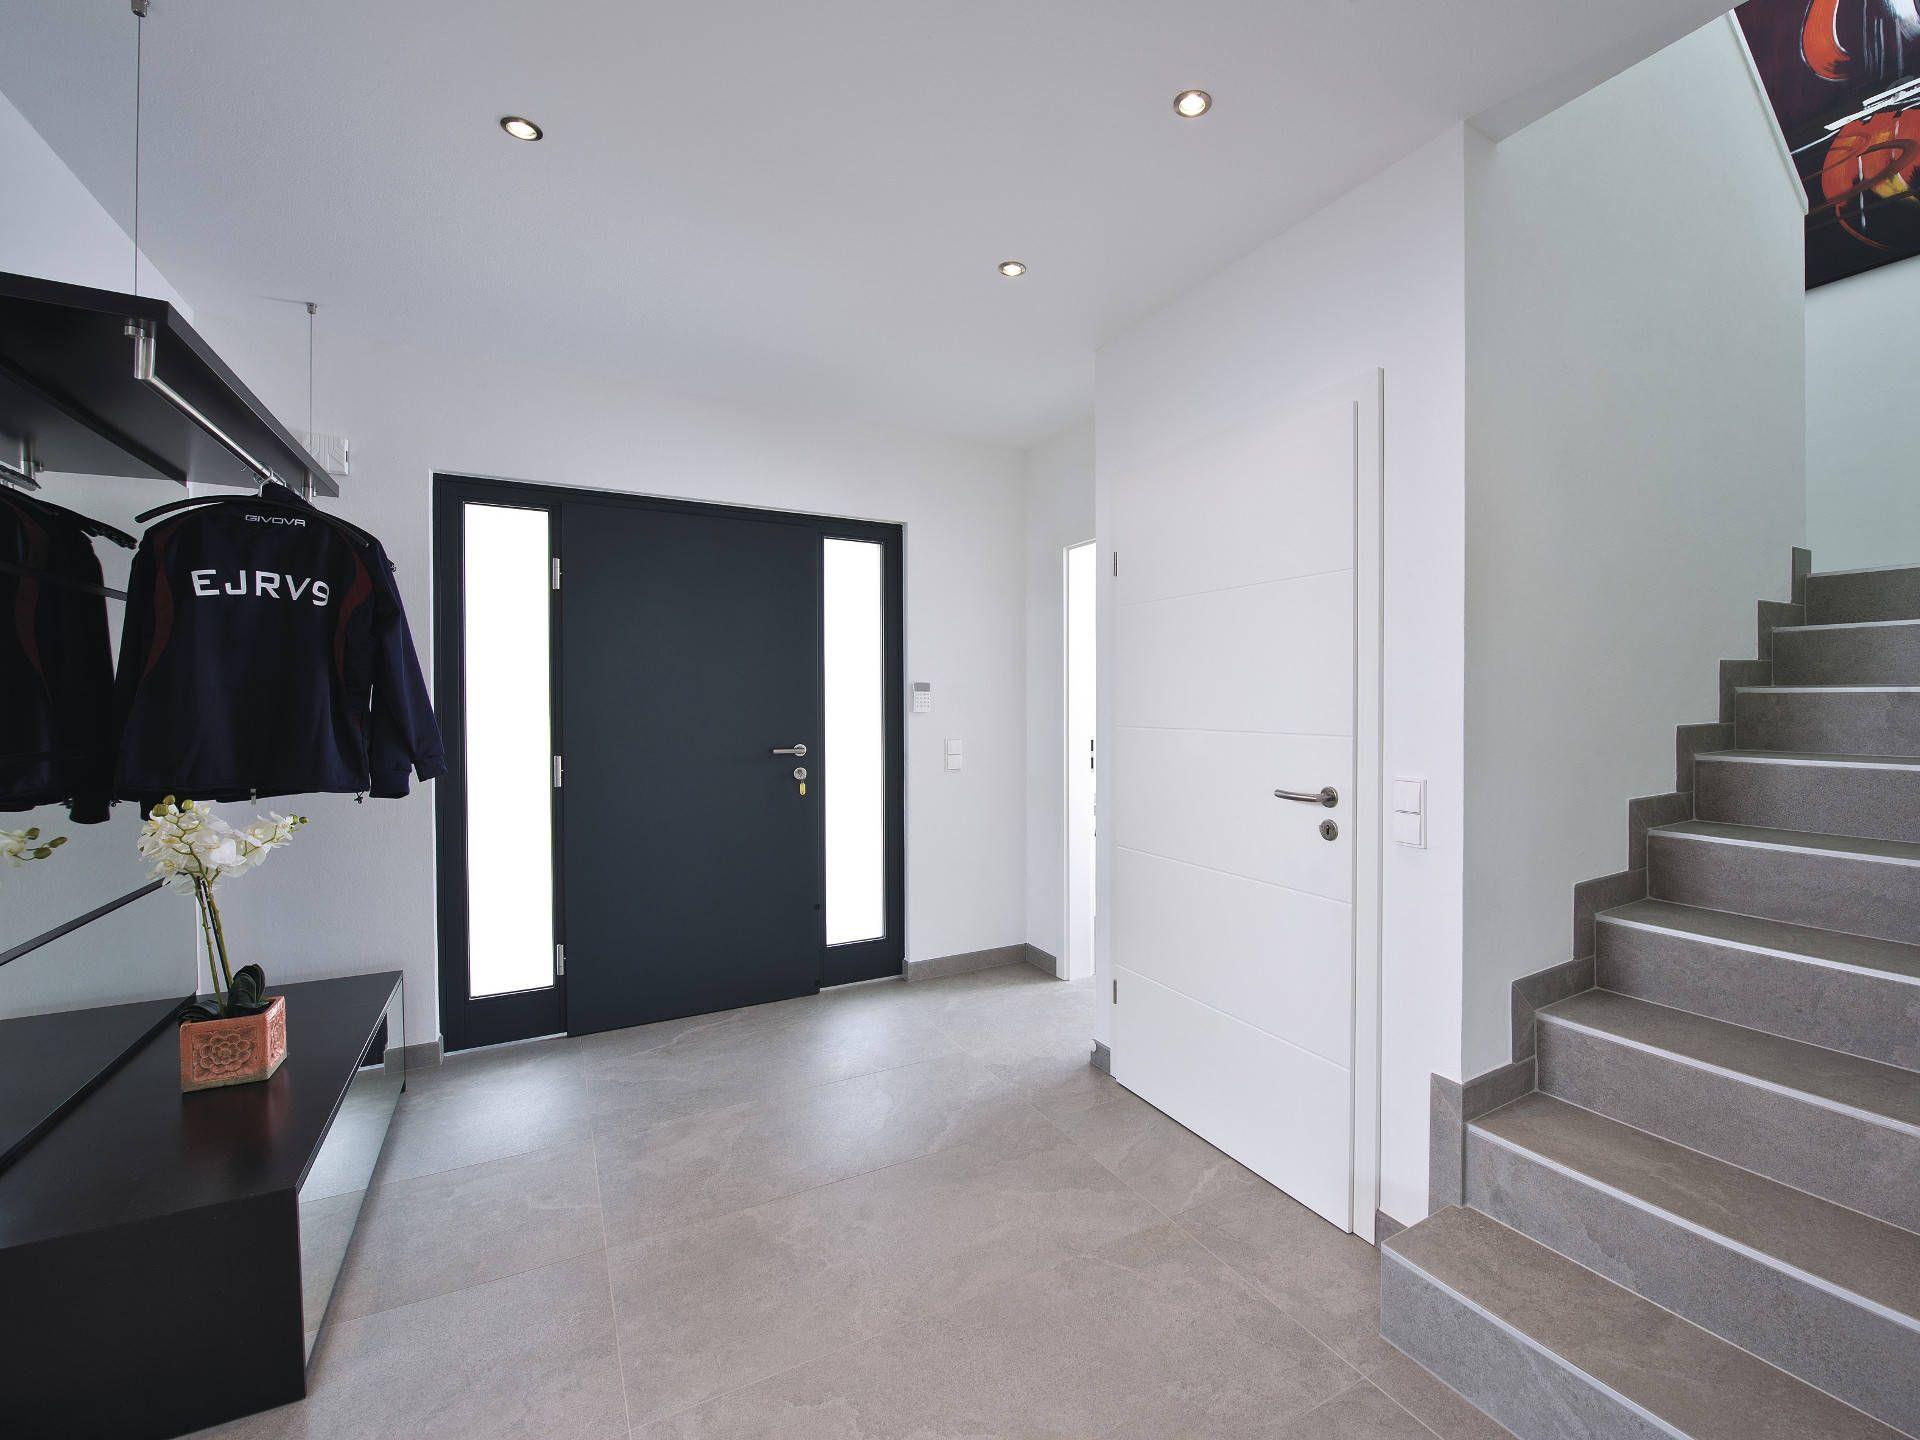 Flur In Der Luxusvilla Von WeberHaus U2022 Mit Musterhaus.net Traumhaus Finden  Und Individuellen Flur